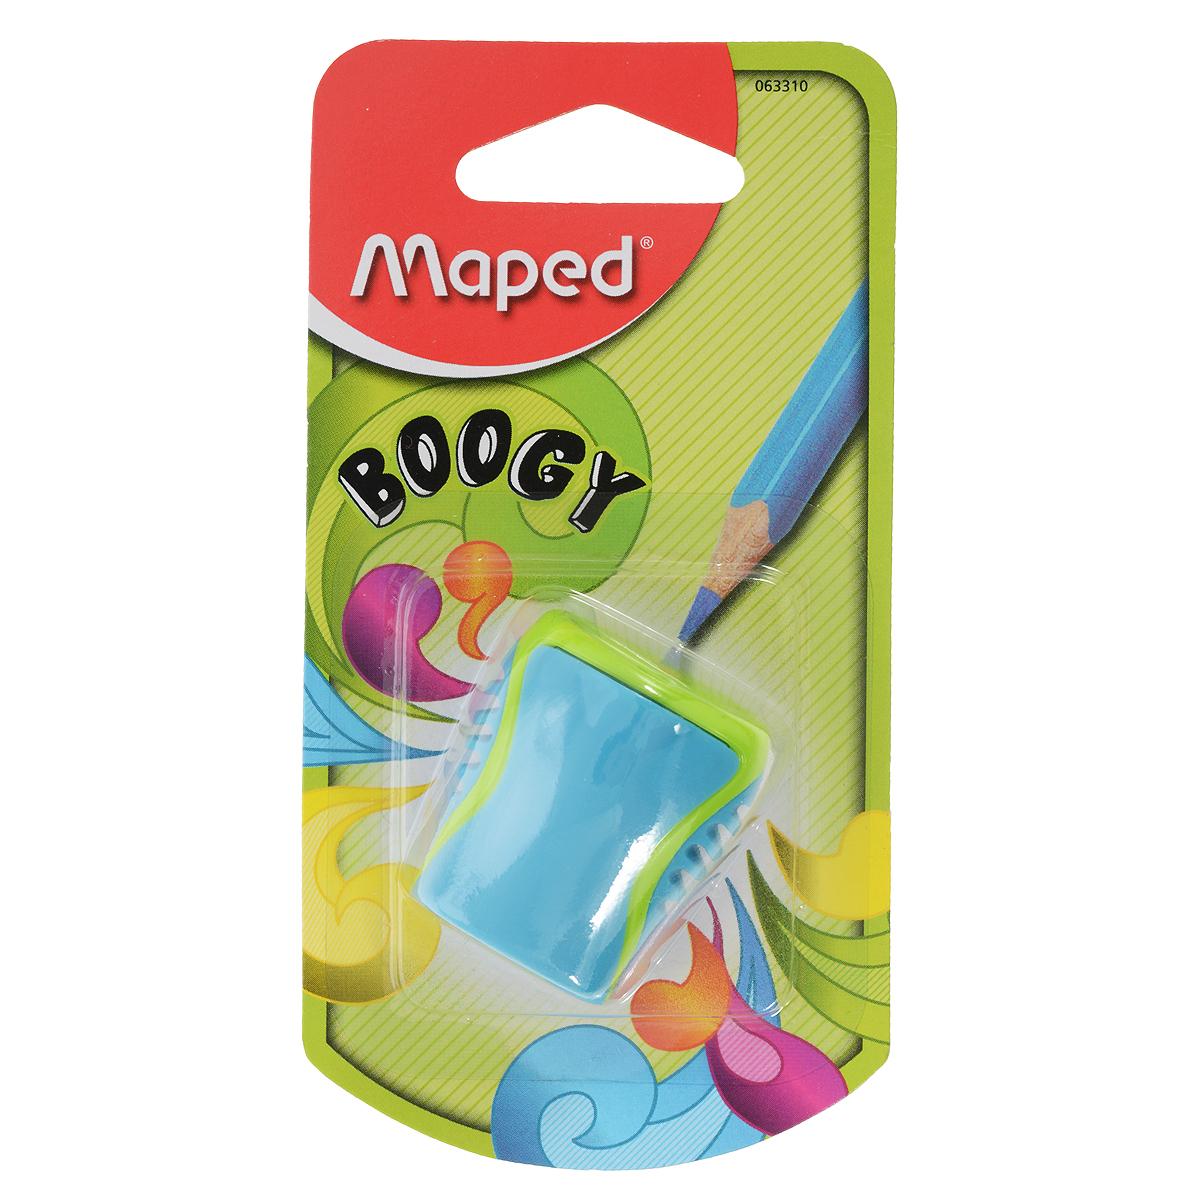 Точилка Maped Boogy, с контейнером, цвет: голубой72523WDТочилка Maped Boogy с непрозрачным ударостойким контейнером на одно отверстие. Точилка представлена в яркой сочной цветовой гамме, с рифленой областью обхвата Точилка для карандашей имеет неотделимый контейнер, что исключает потерю стружки. Компактный размер точилки позволит легко хранить её в пенале.